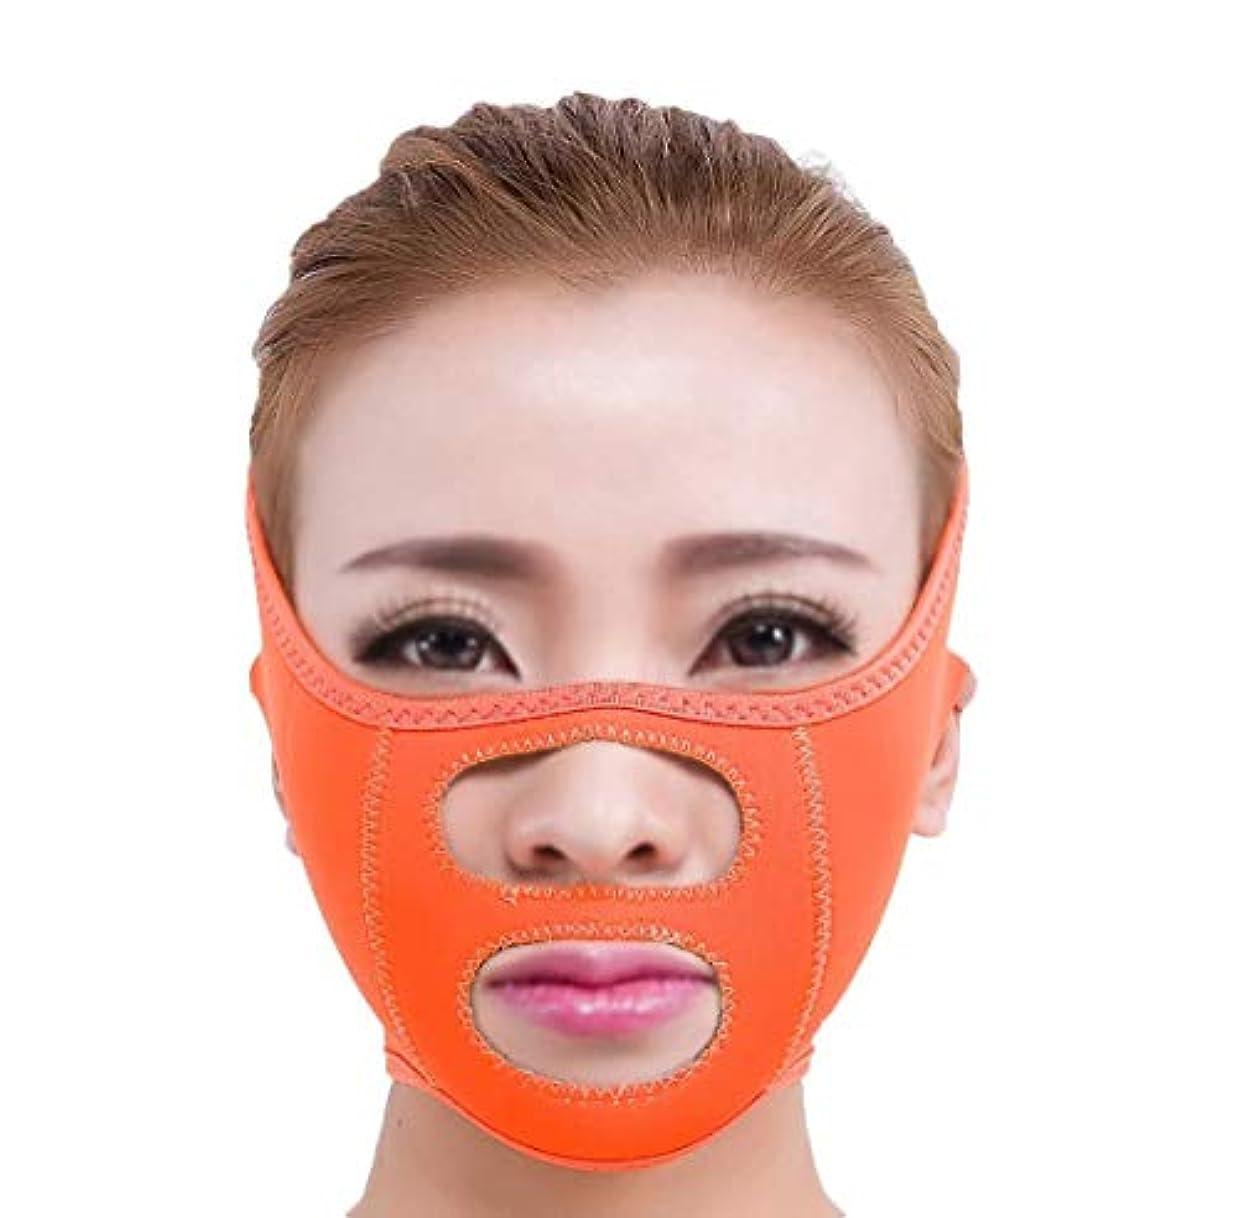 政令専門用語ワゴンスリミングベルト、フェイシャルマスク薄い顔マスク睡眠薄い顔マスク薄い顔包帯薄い顔アーティファクト薄い顔顔リフティング薄い顔小さなV顔睡眠薄い顔ベルト